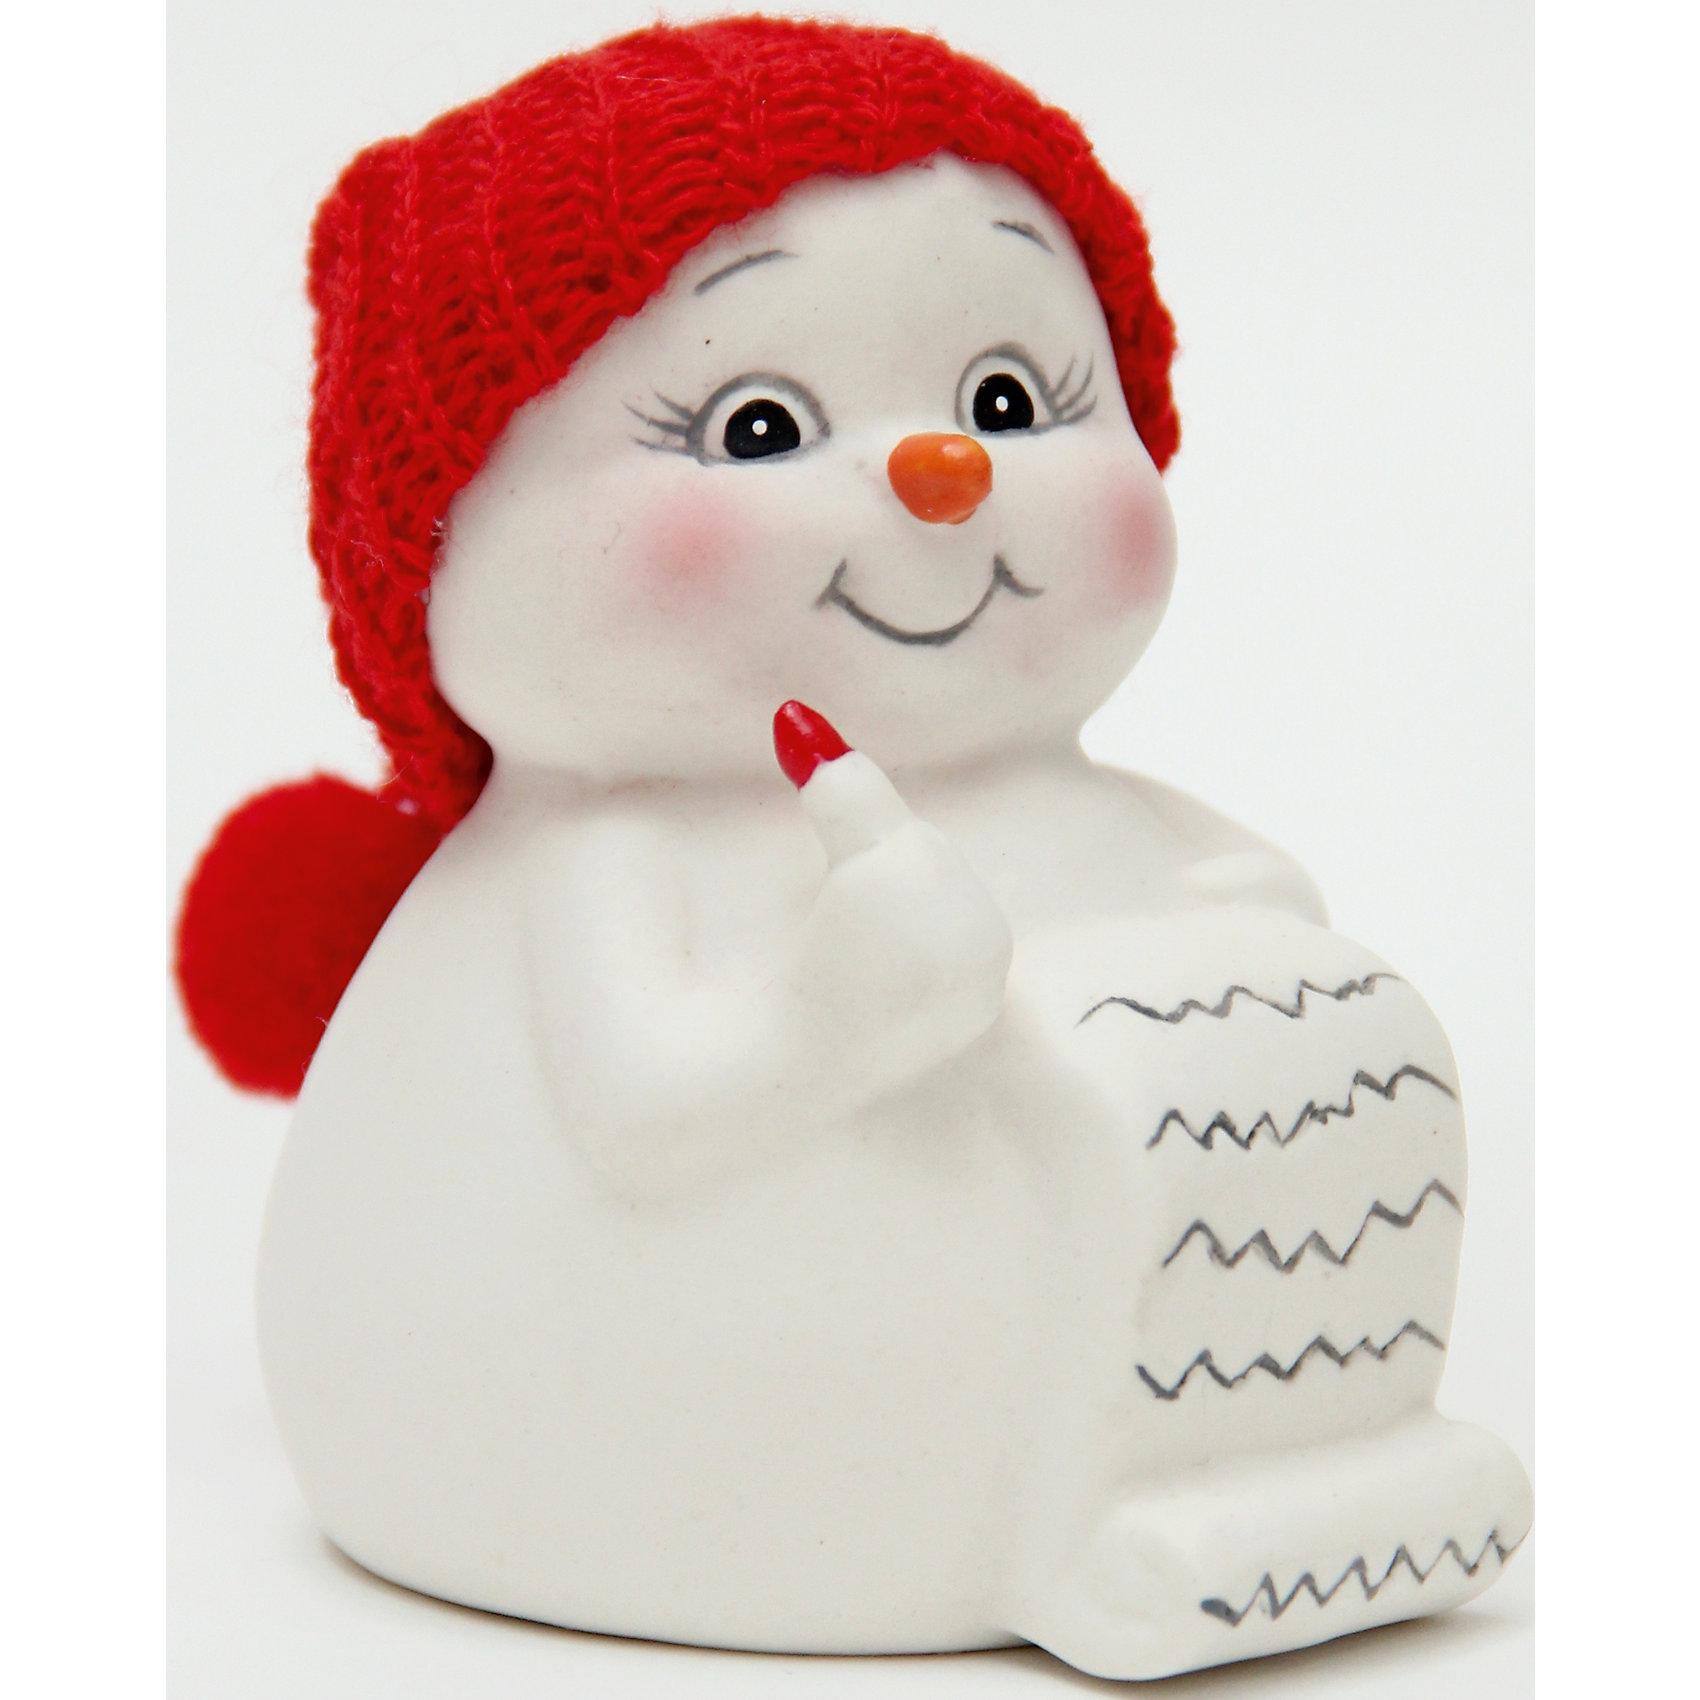 Керамический снеговик Список подарковВсё для праздника<br>Эта керамическая фигурка может стать отличным подарком на Новый год или украшением для дома! Особое время - сам праздник и предновогодние хлопоты - ждут не только дети, но и взрослые! Праздничное настроение создает в первую очередь украшенный дом и наряженная ёлка. <br>Эта фигурка создаст особый настрой, она выглядит очень празднично и симпатично. Изделие произведено из безопасного для детей материала. Создайте с ним праздничное настроение себе и близким!<br><br>Дополнительная информация:<br><br>цвет: разноцветный;<br>материал: керамика;<br>размер: 8 см.<br><br>Керамический снеговик Список подарков можно купить в нашем магазине.<br><br>Ширина мм: 150<br>Глубина мм: 150<br>Высота мм: 60<br>Вес г: 103<br>Возраст от месяцев: 36<br>Возраст до месяцев: 2147483647<br>Пол: Унисекс<br>Возраст: Детский<br>SKU: 4981673